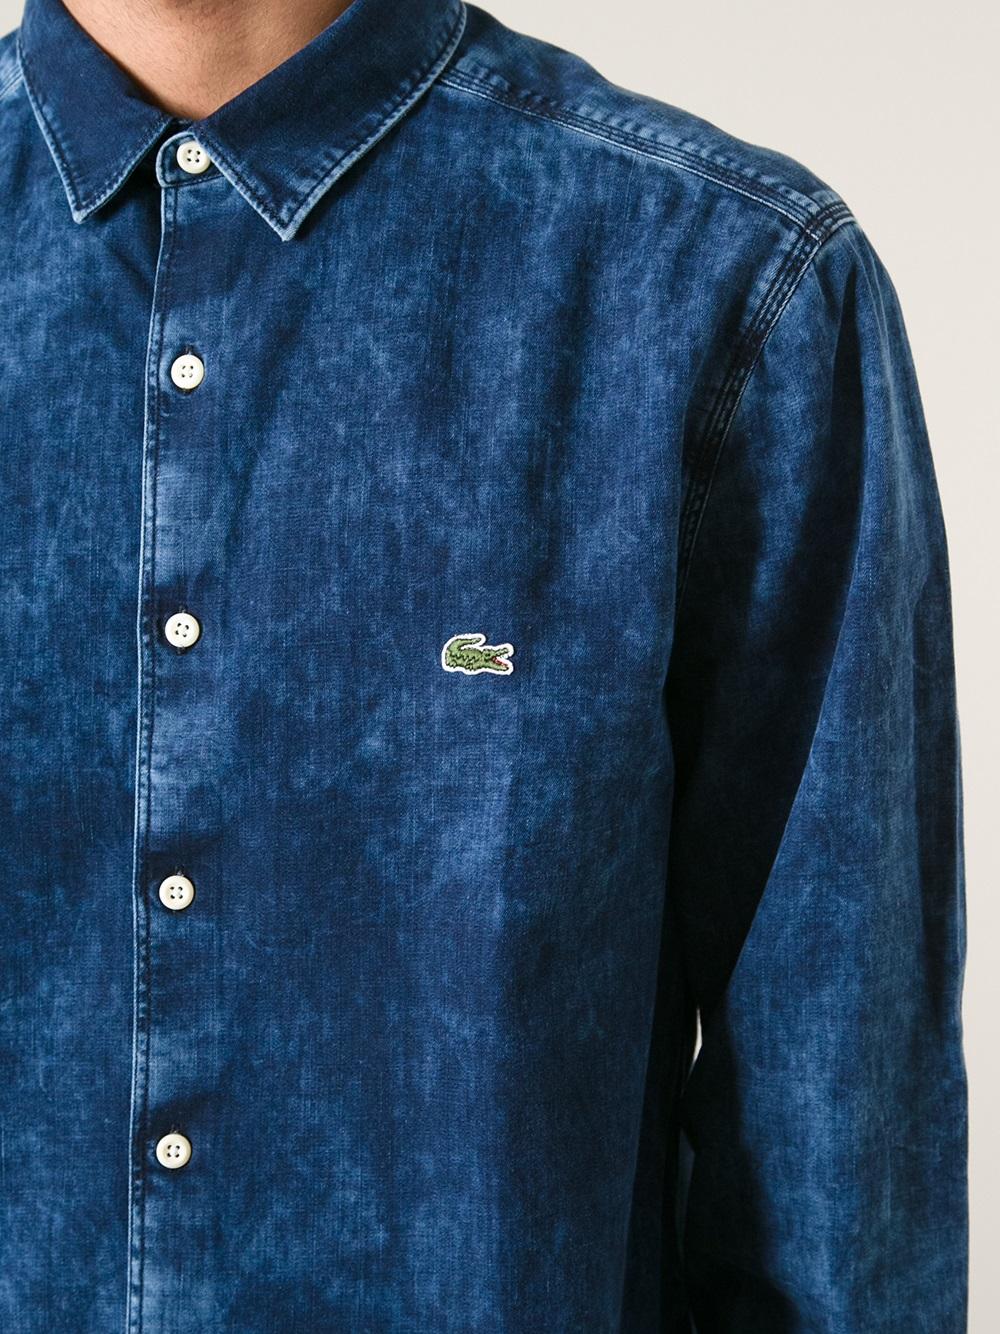 a70ba848f5 Lacoste L!ive Blue Denim Shirt for men